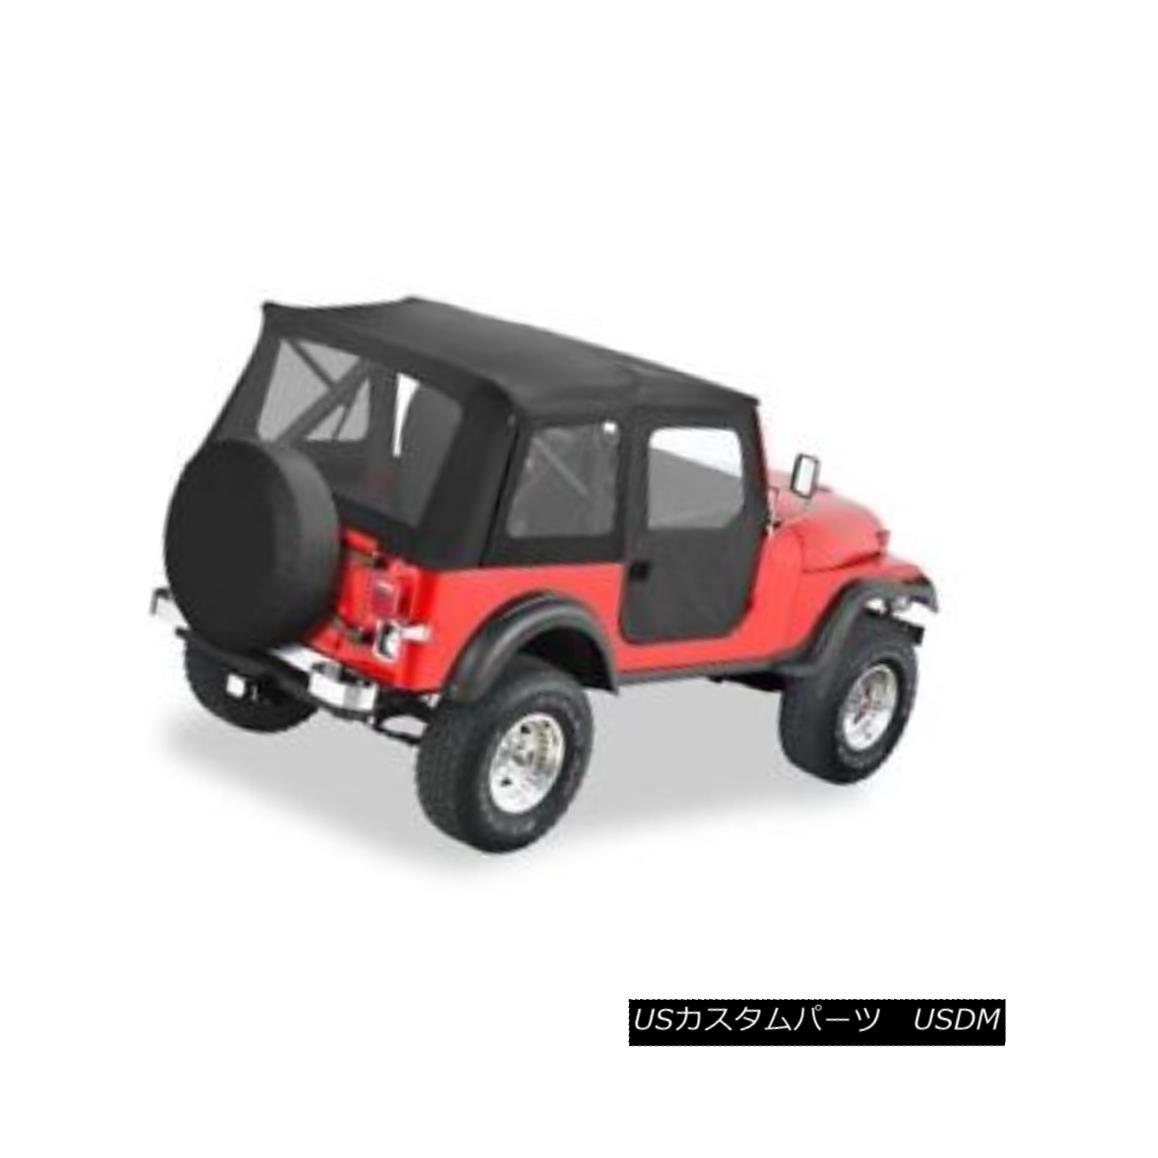 幌・ソフトトップ Bestop 51597-01 Supertop Classic Softtop (Black) For 1976-1983 Jeep CJ5 Bestop 51597-01 Supertop Classic Softtop(ブラック)1976-1983用ジープCJ5